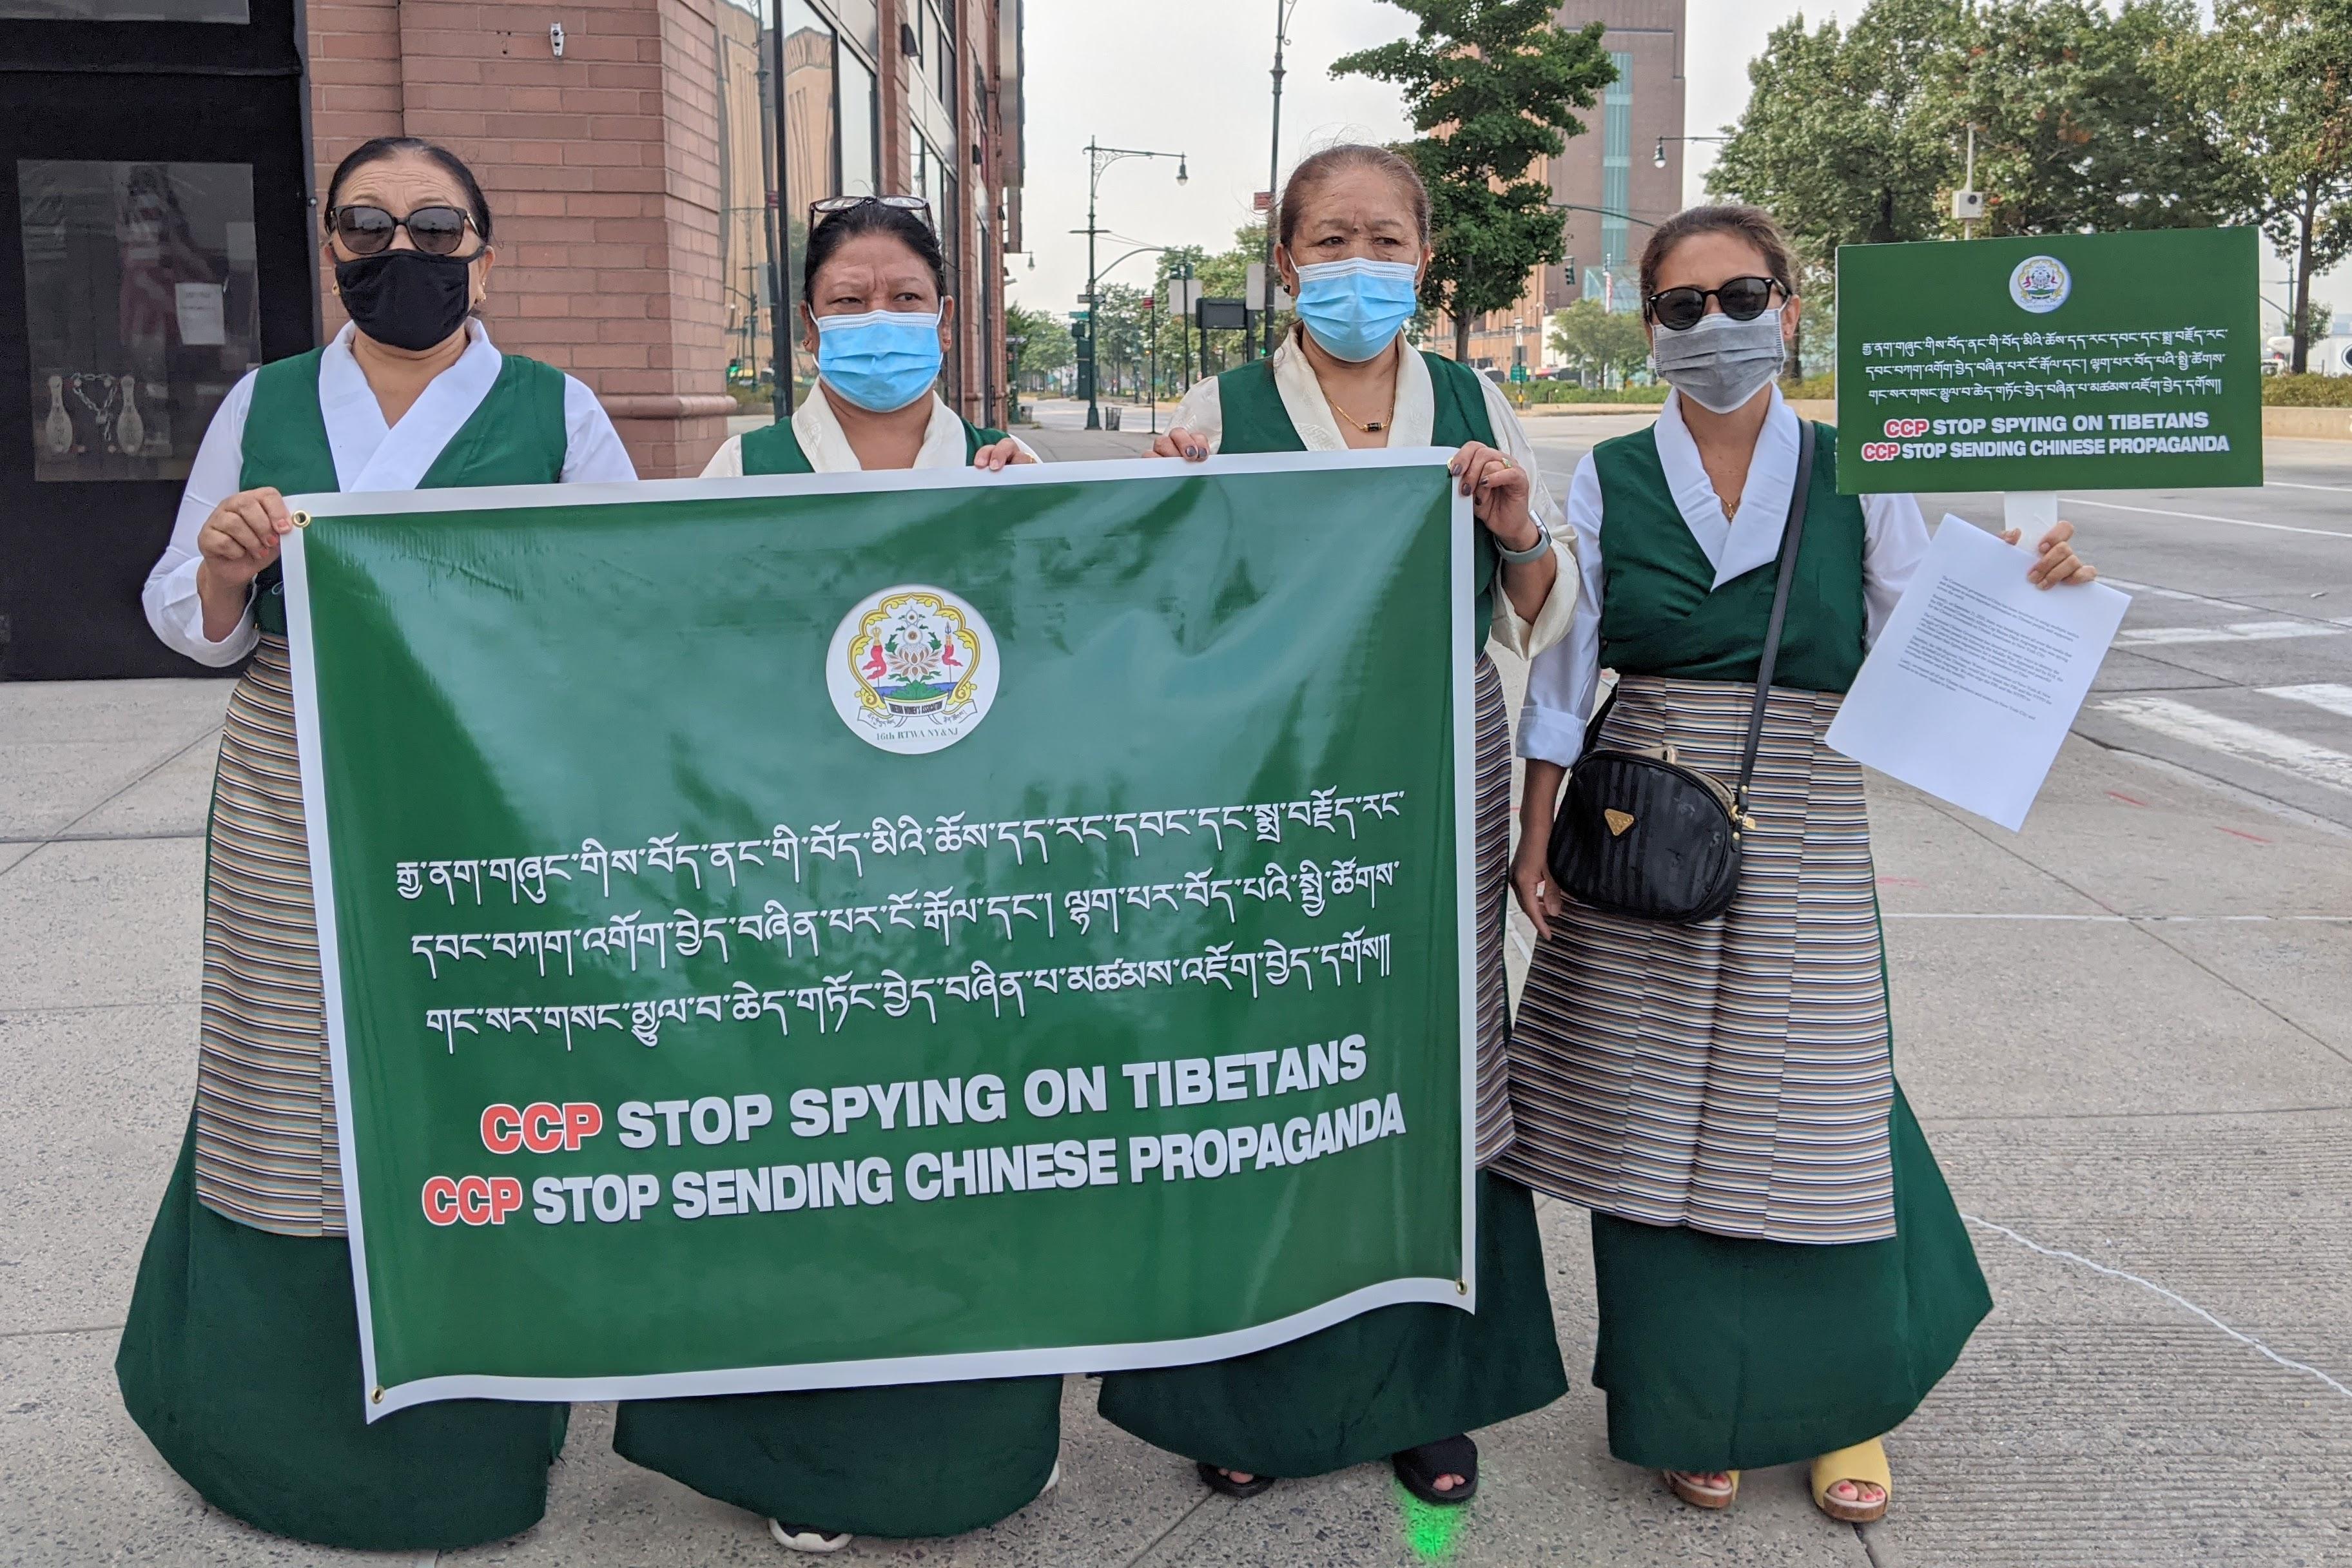 紐約藏人集會 抗議中領館在藏人中搞間諜活動